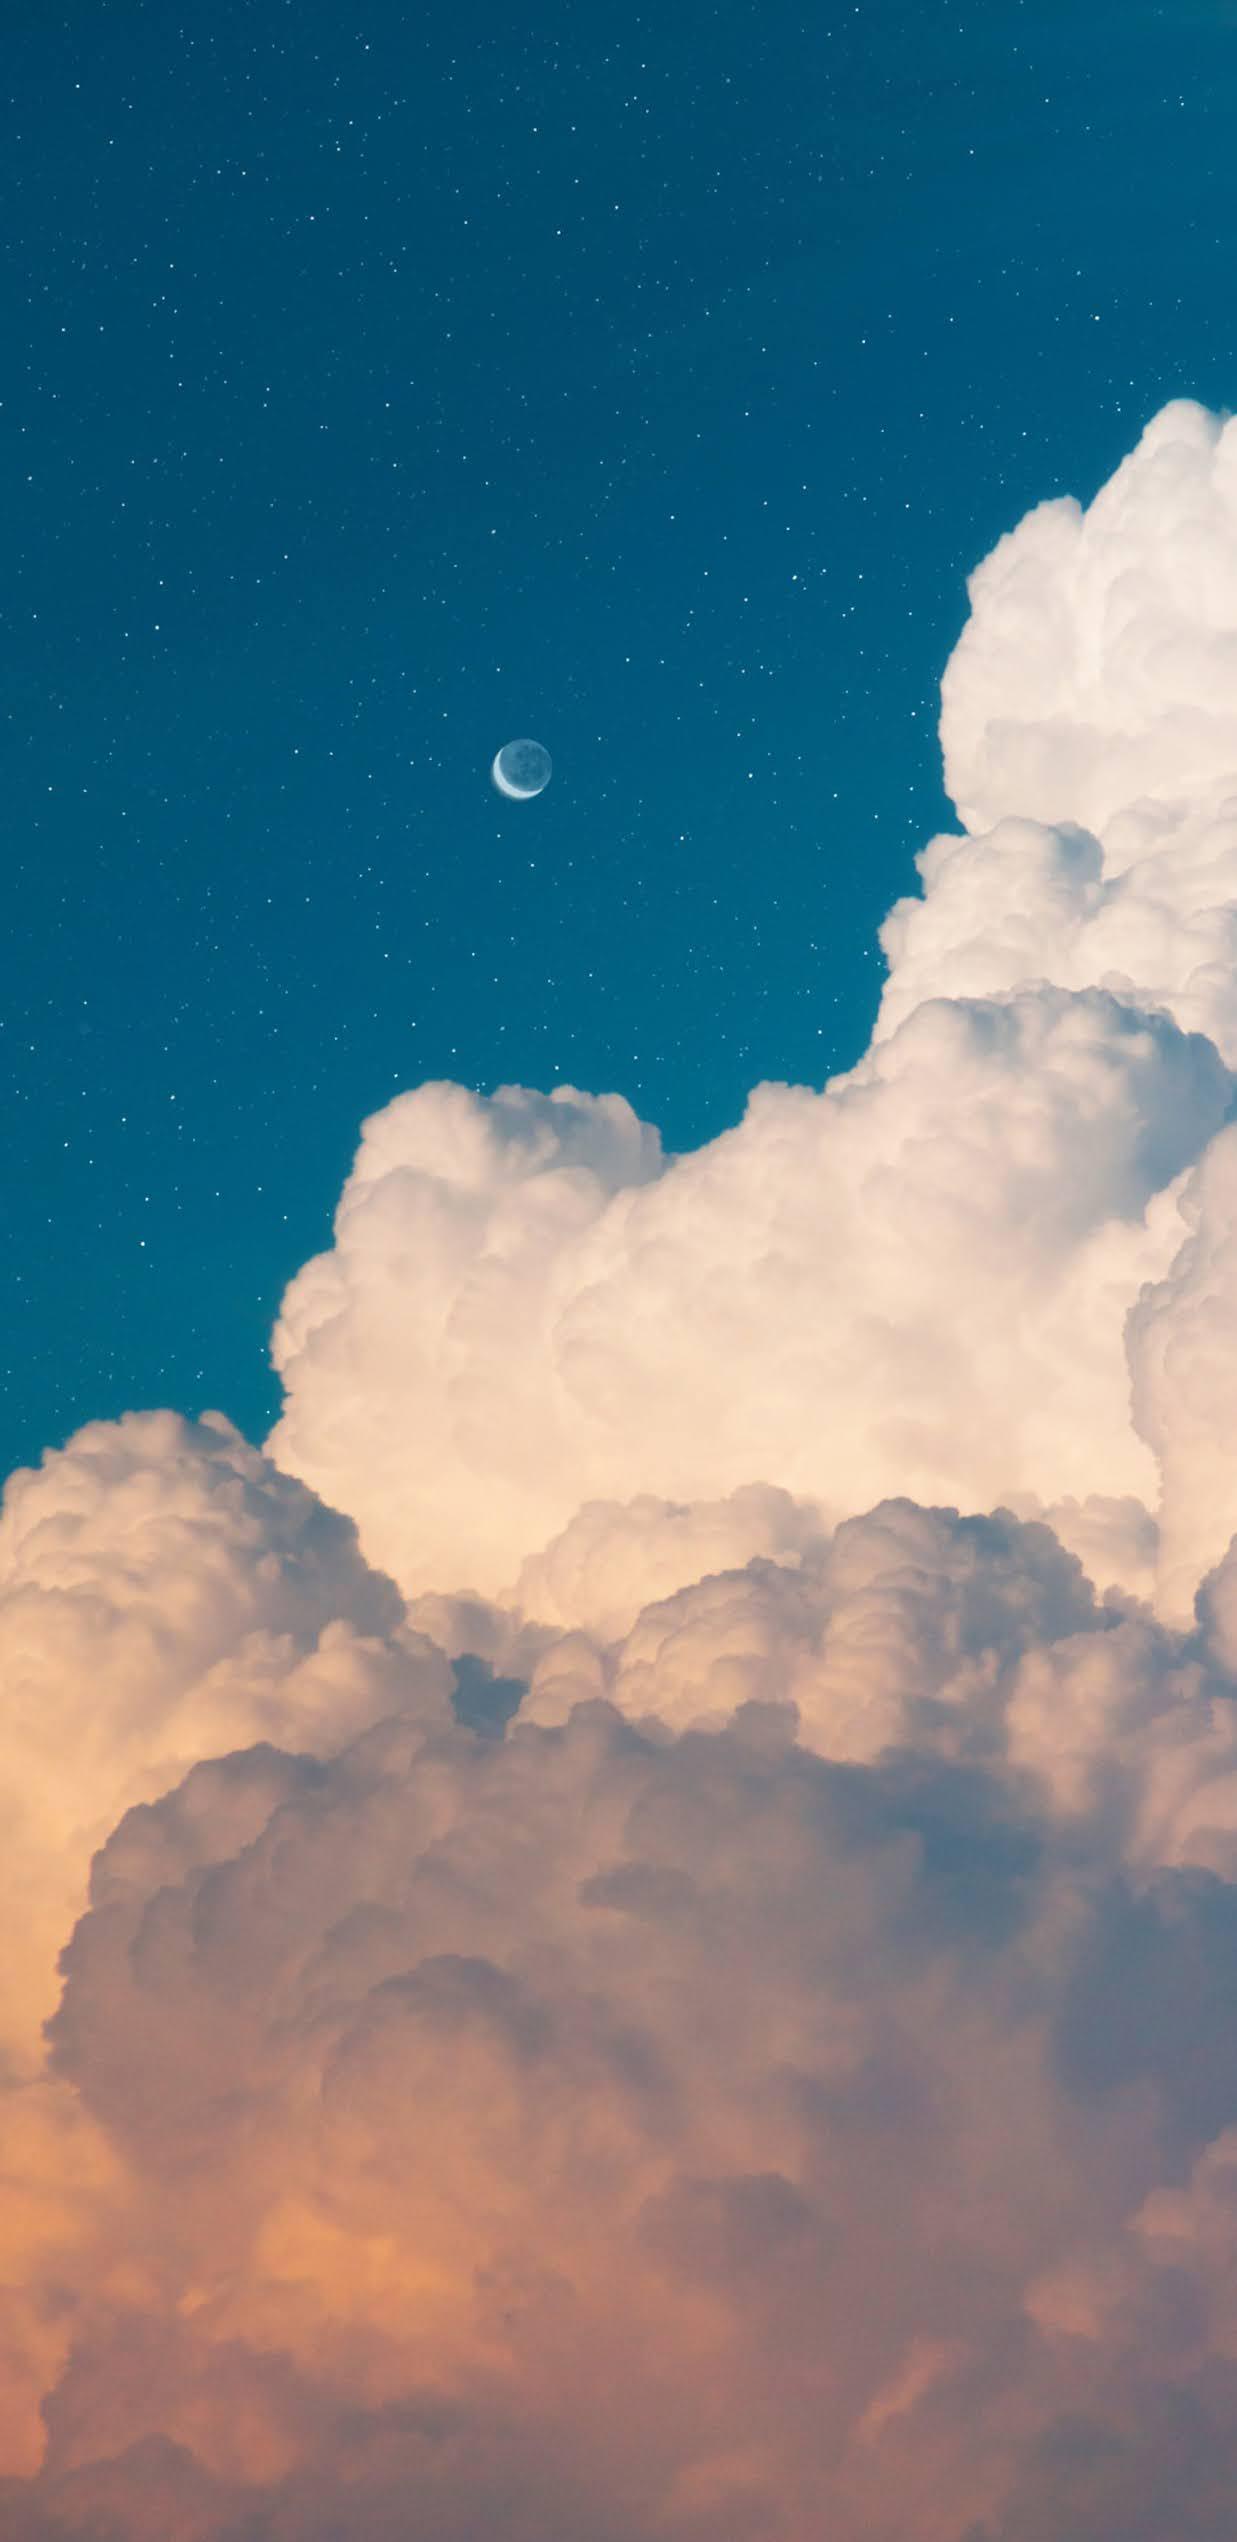 Mặt trăng khuyết giữa bầu trời đầy mây